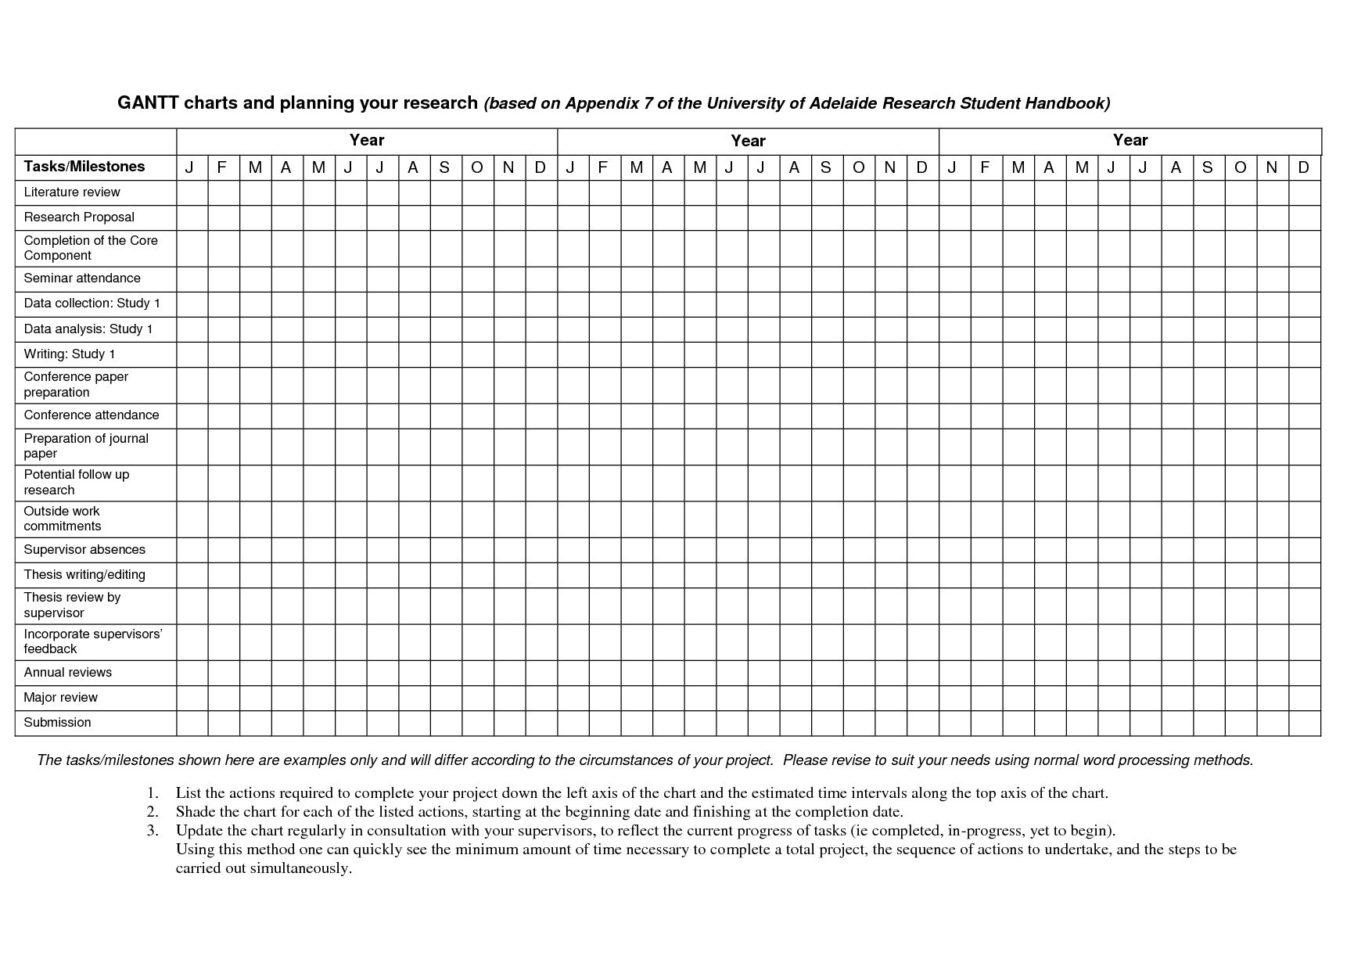 Excel Chart Templates Gantt Chart Ppt Template Unique Gantt Charts With Gantt Chart Template For Word